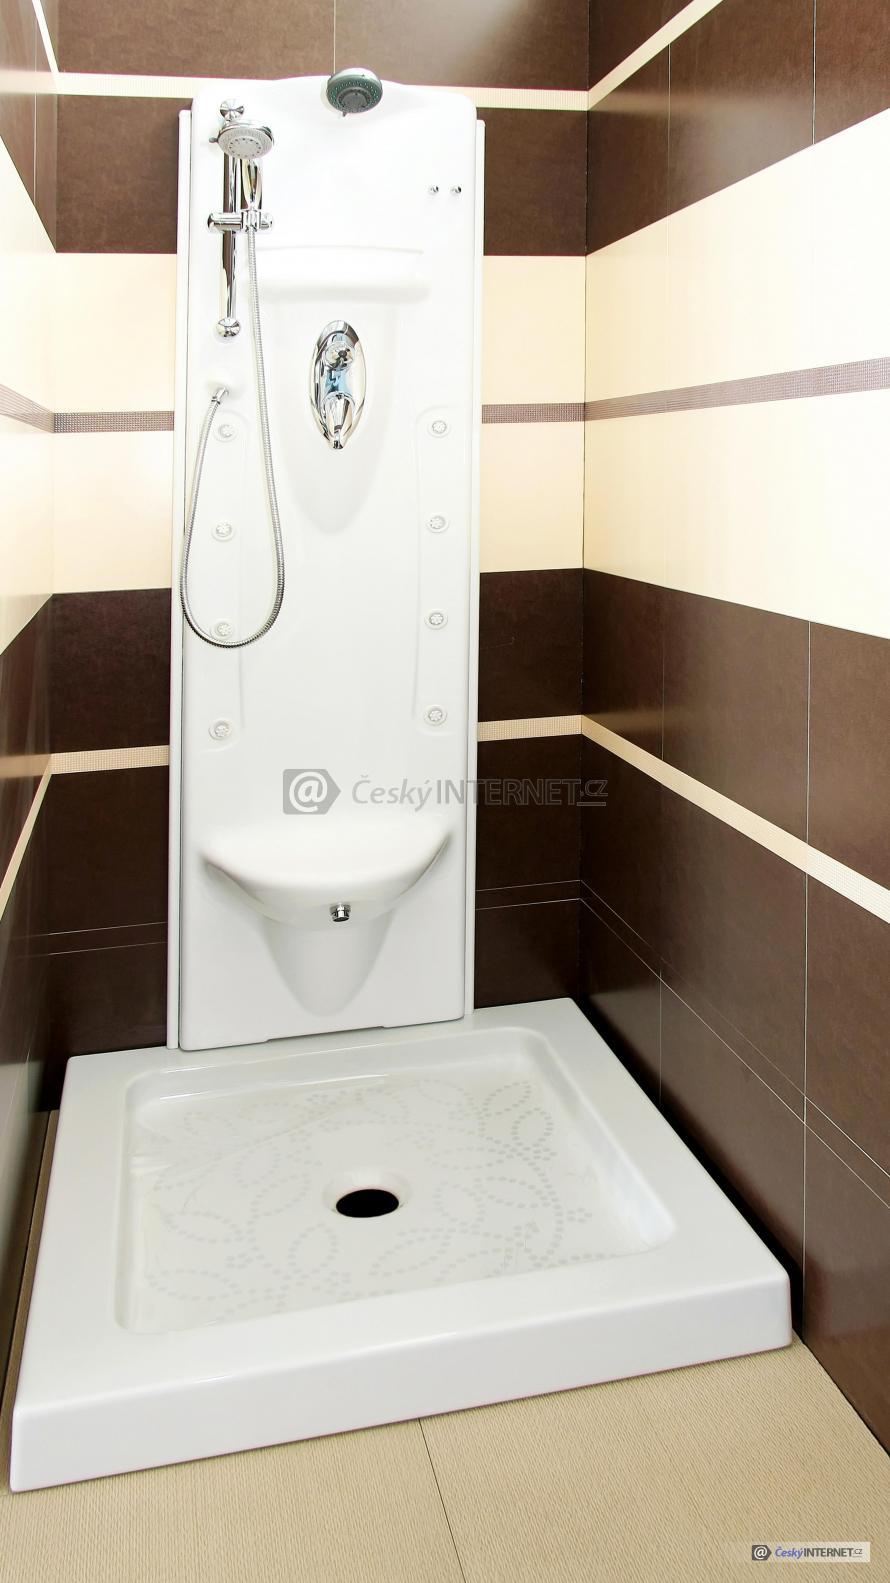 Moderní sprchový kout se sprchou a hydromasáží.